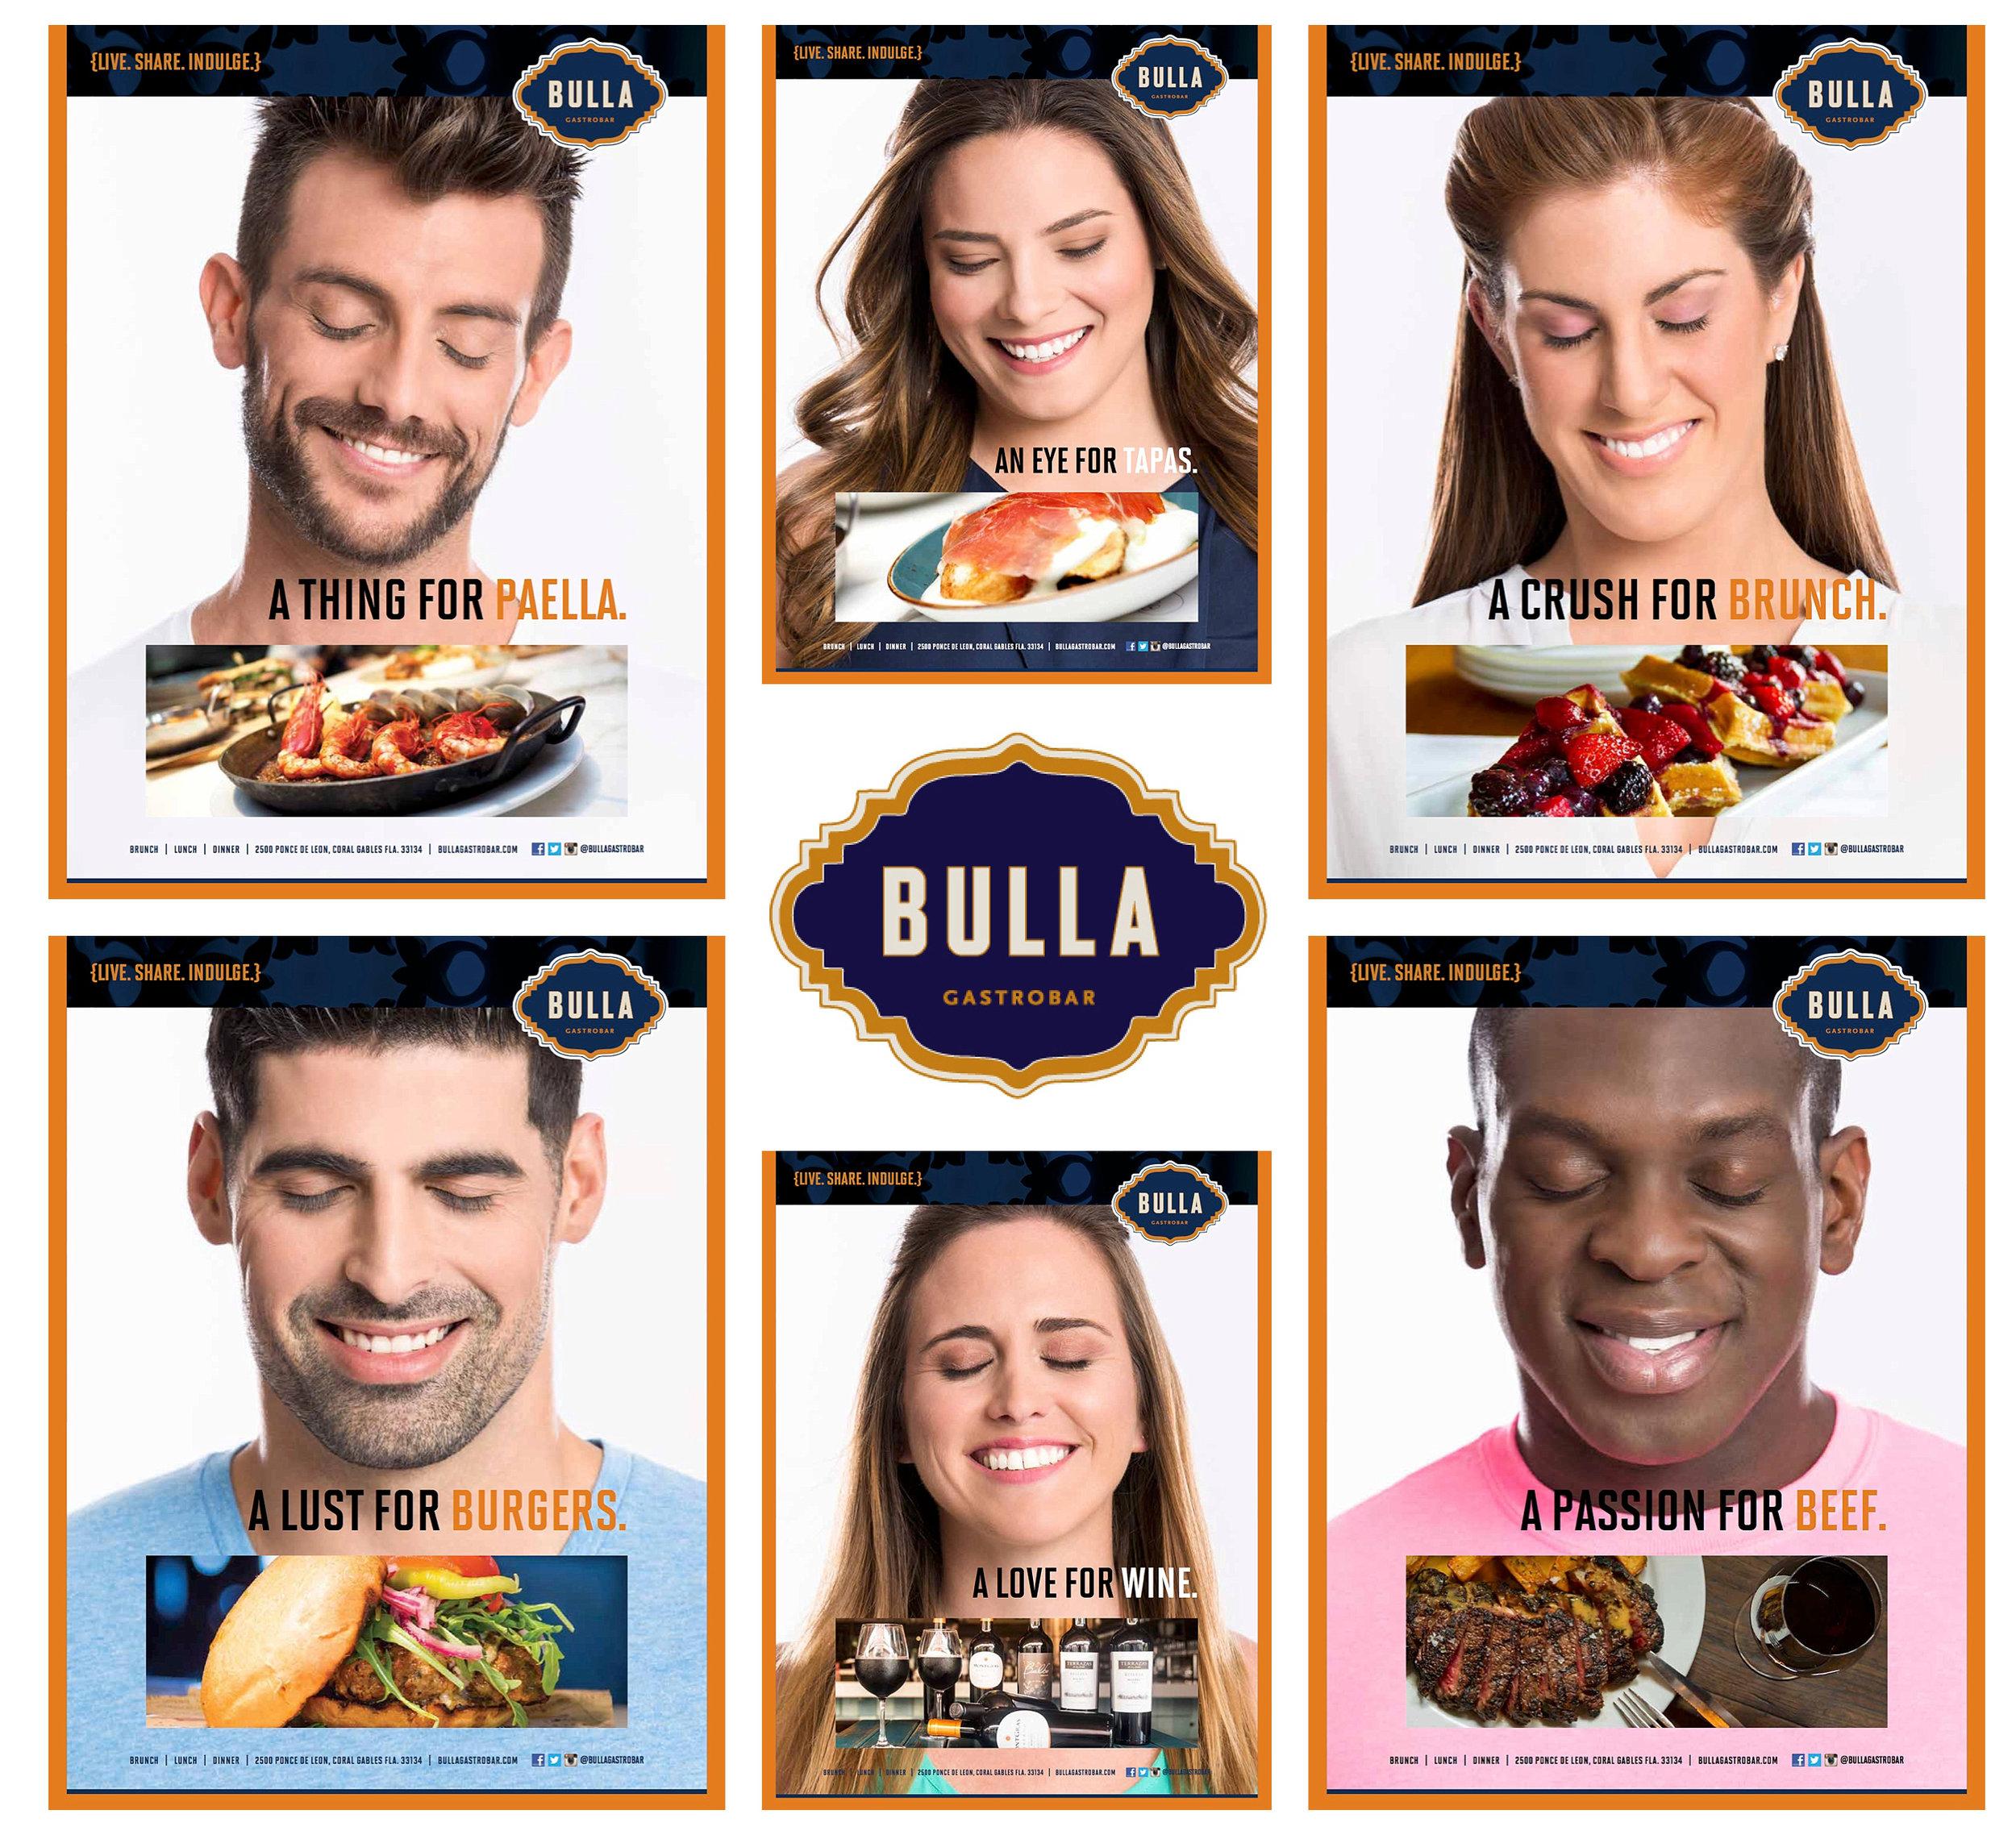 Bulla Gastrobar